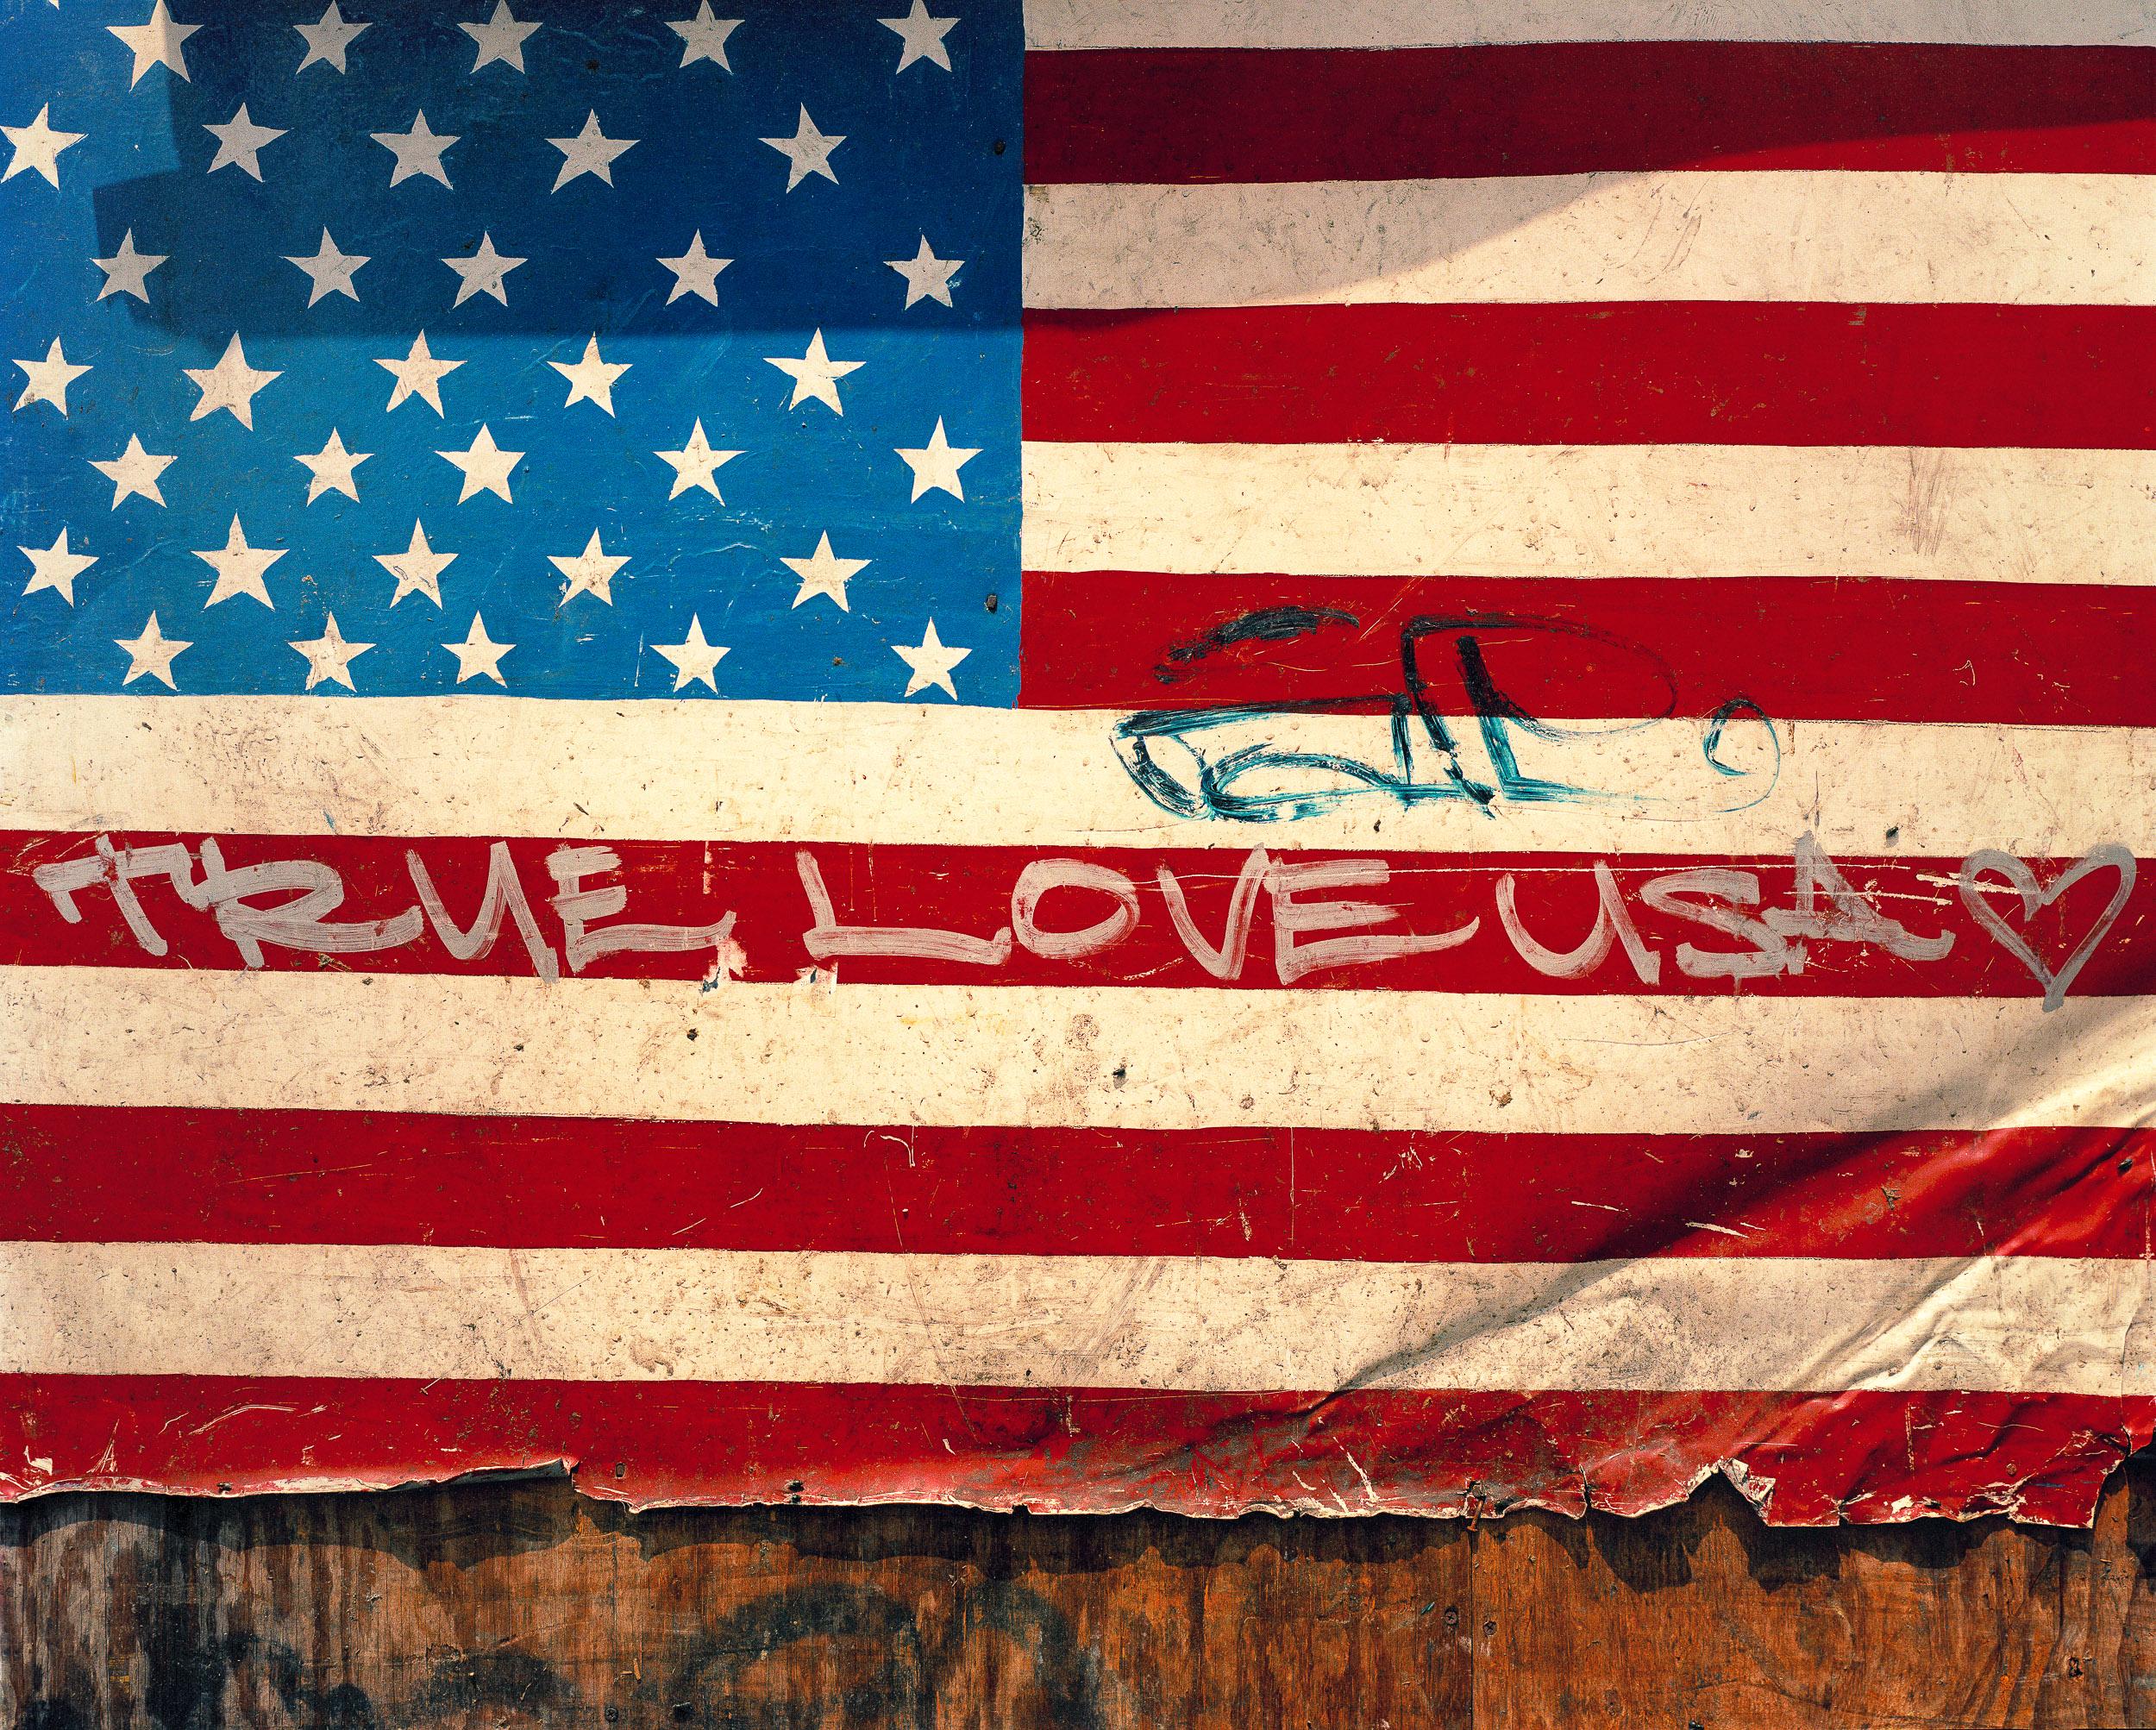 33.TRUE LOVE USA.jpg